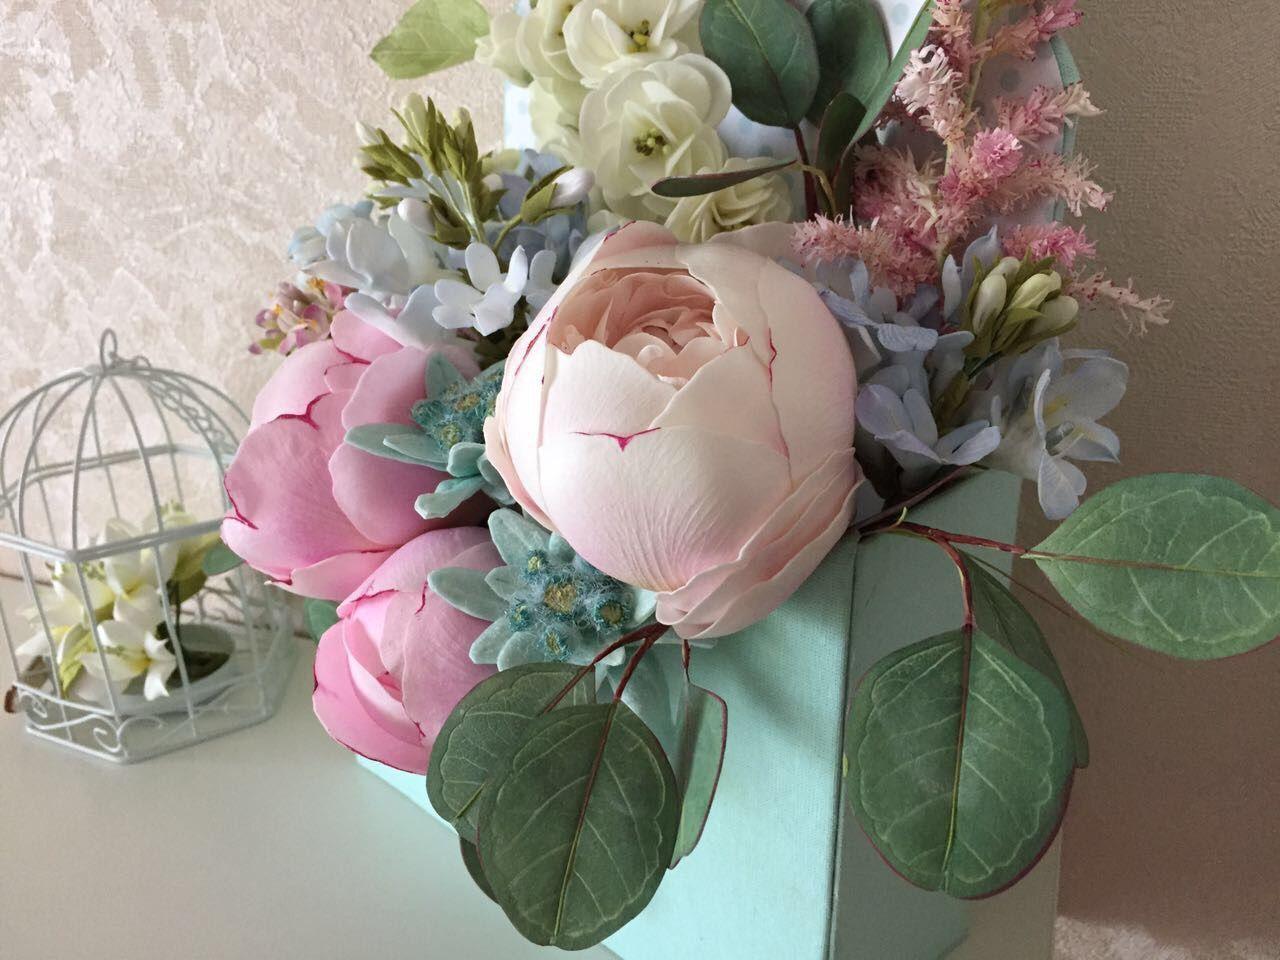 кухонную мебель цветы и композиции из фоамирана фото мк рыбки для аквариума